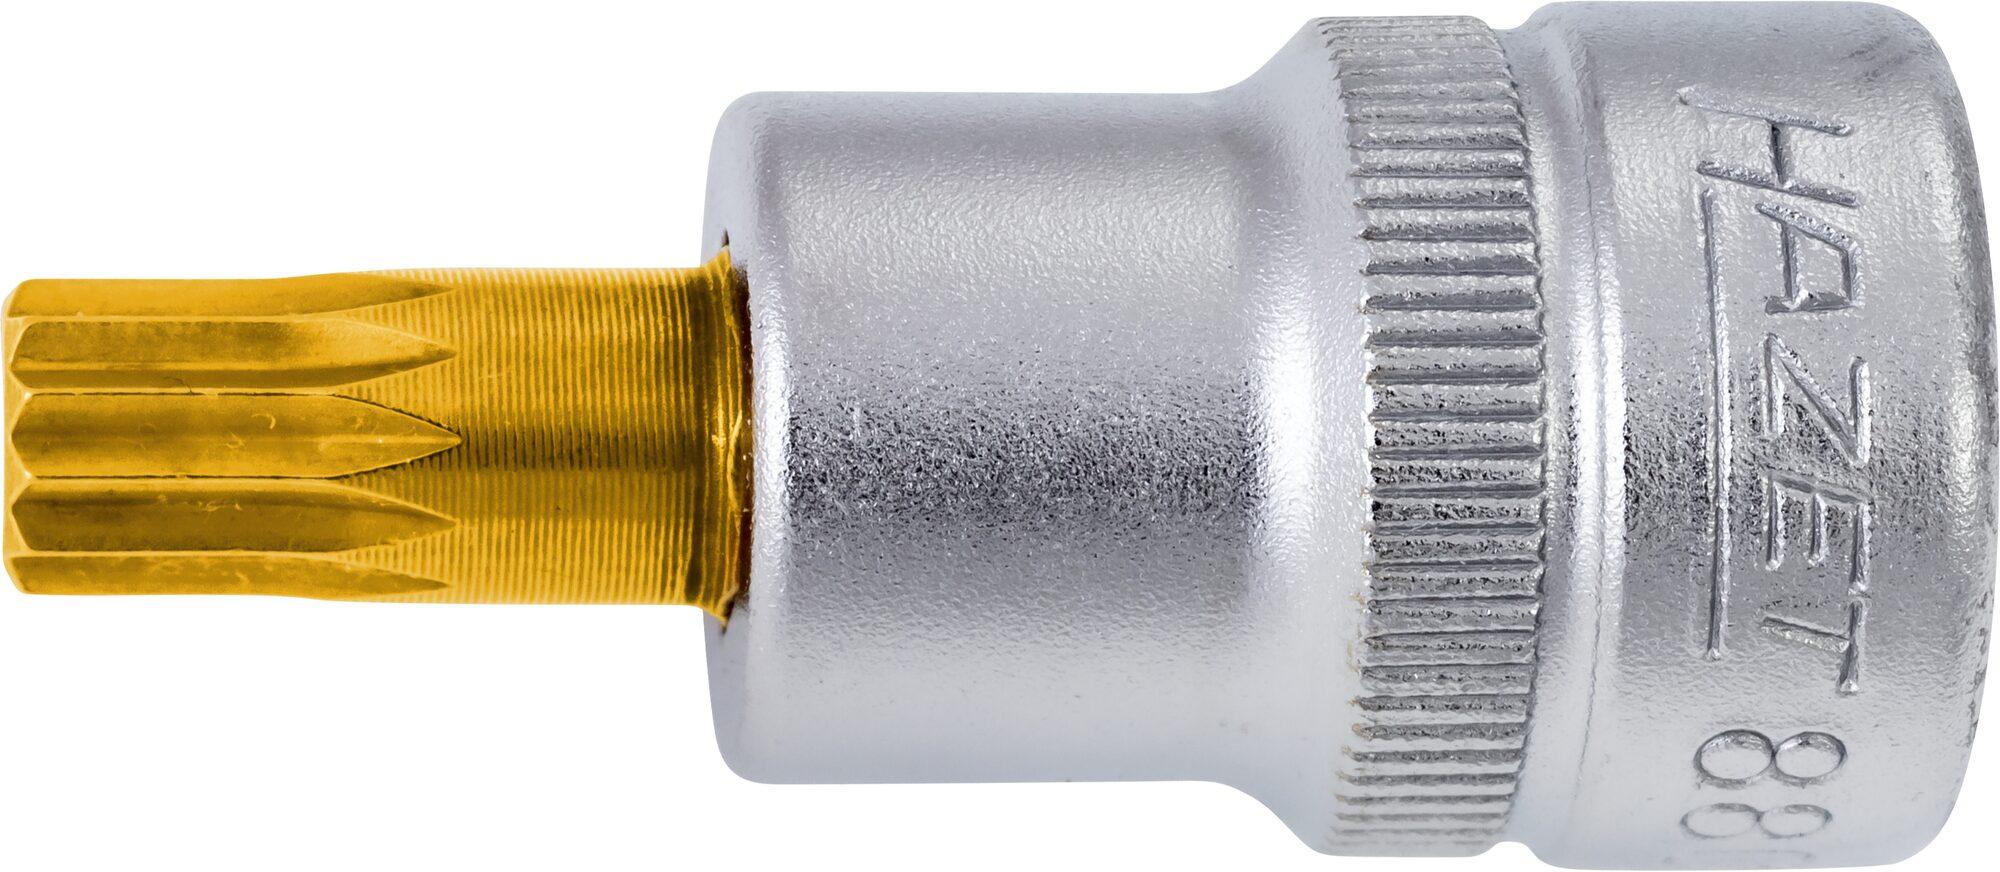 HAZET Schraubendreher-Steckschlüsseleinsatz 8808-5 ∙ Vierkant hohl 10 mm (3/8 Zoll) ∙ Innen Vielzahn Profil XZN ∙ M5